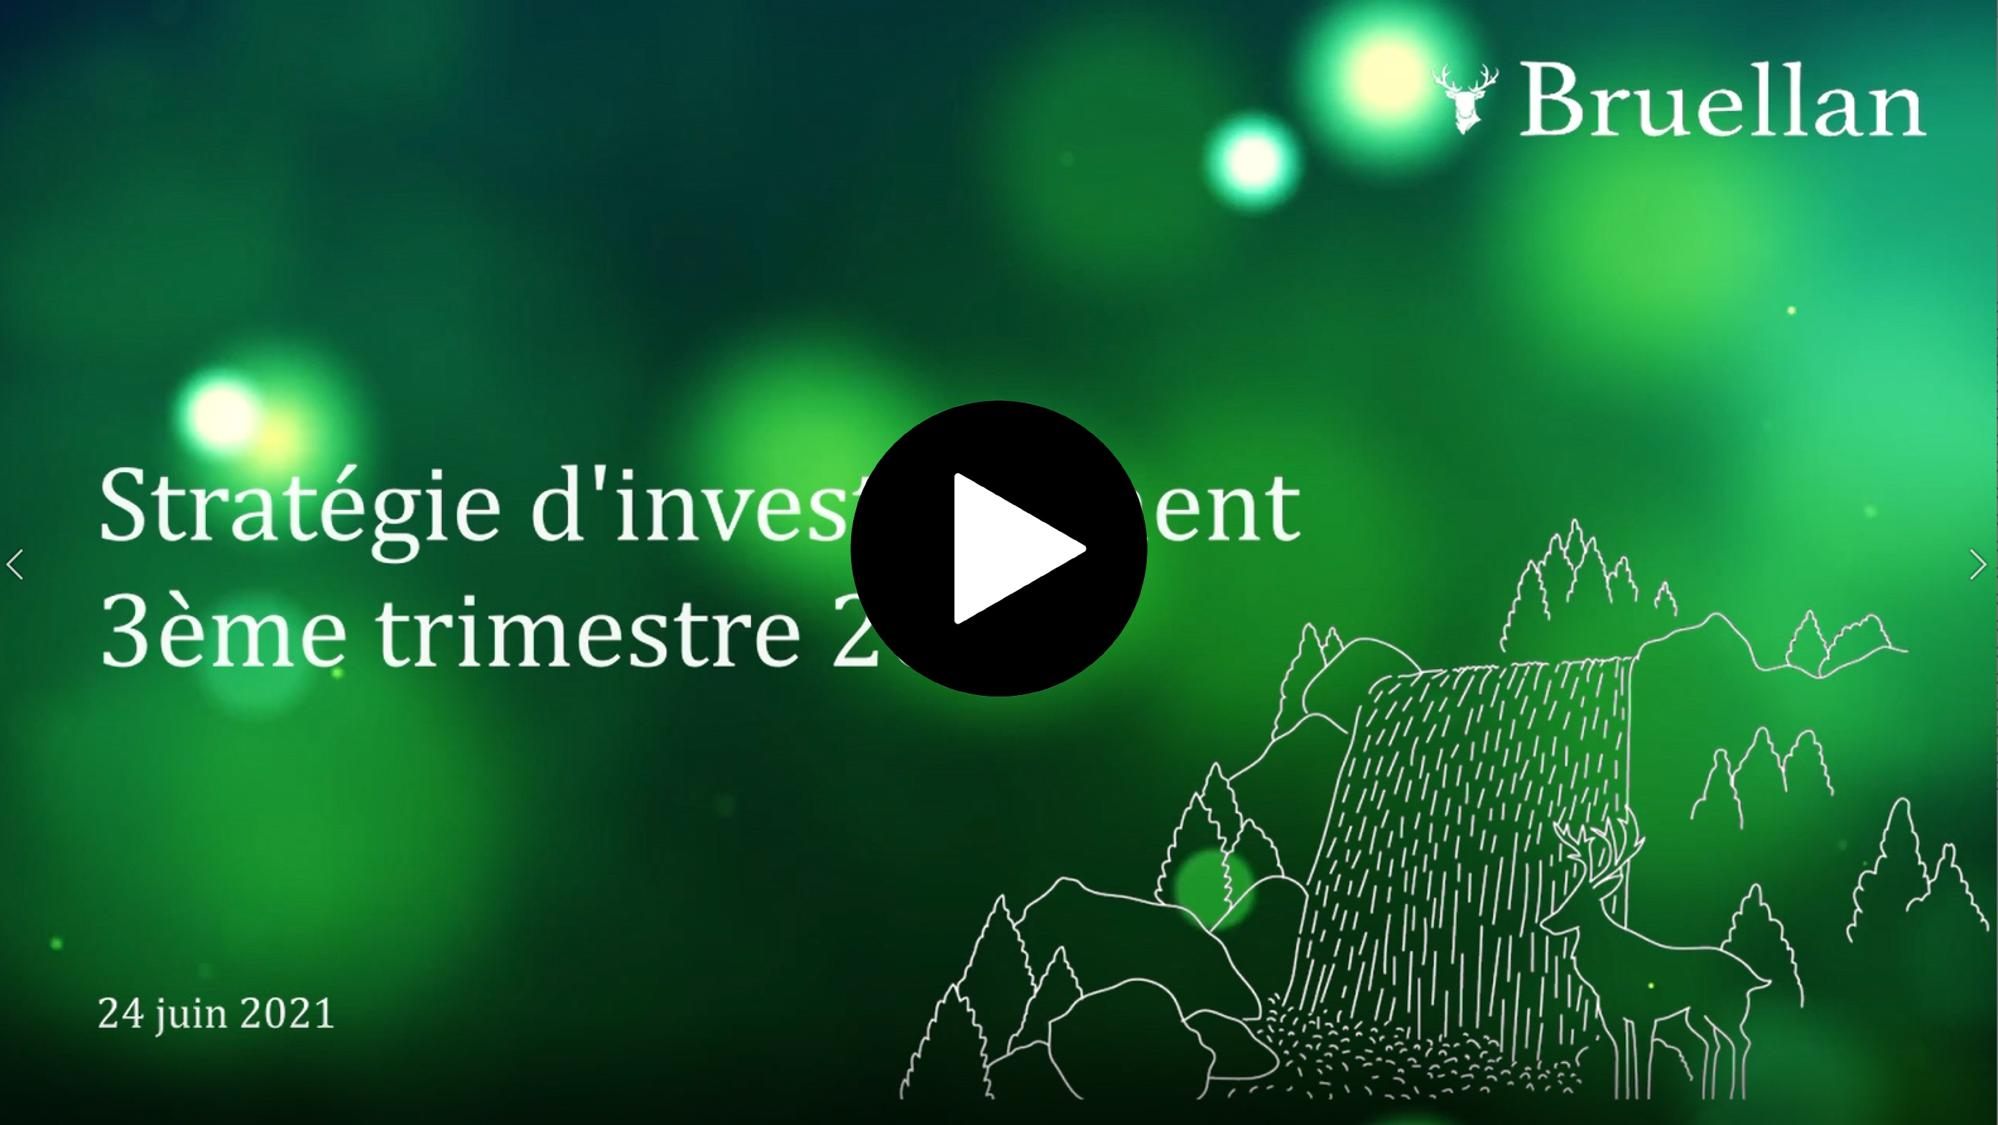 Bruellan Stratégie Investissement Q3 2021